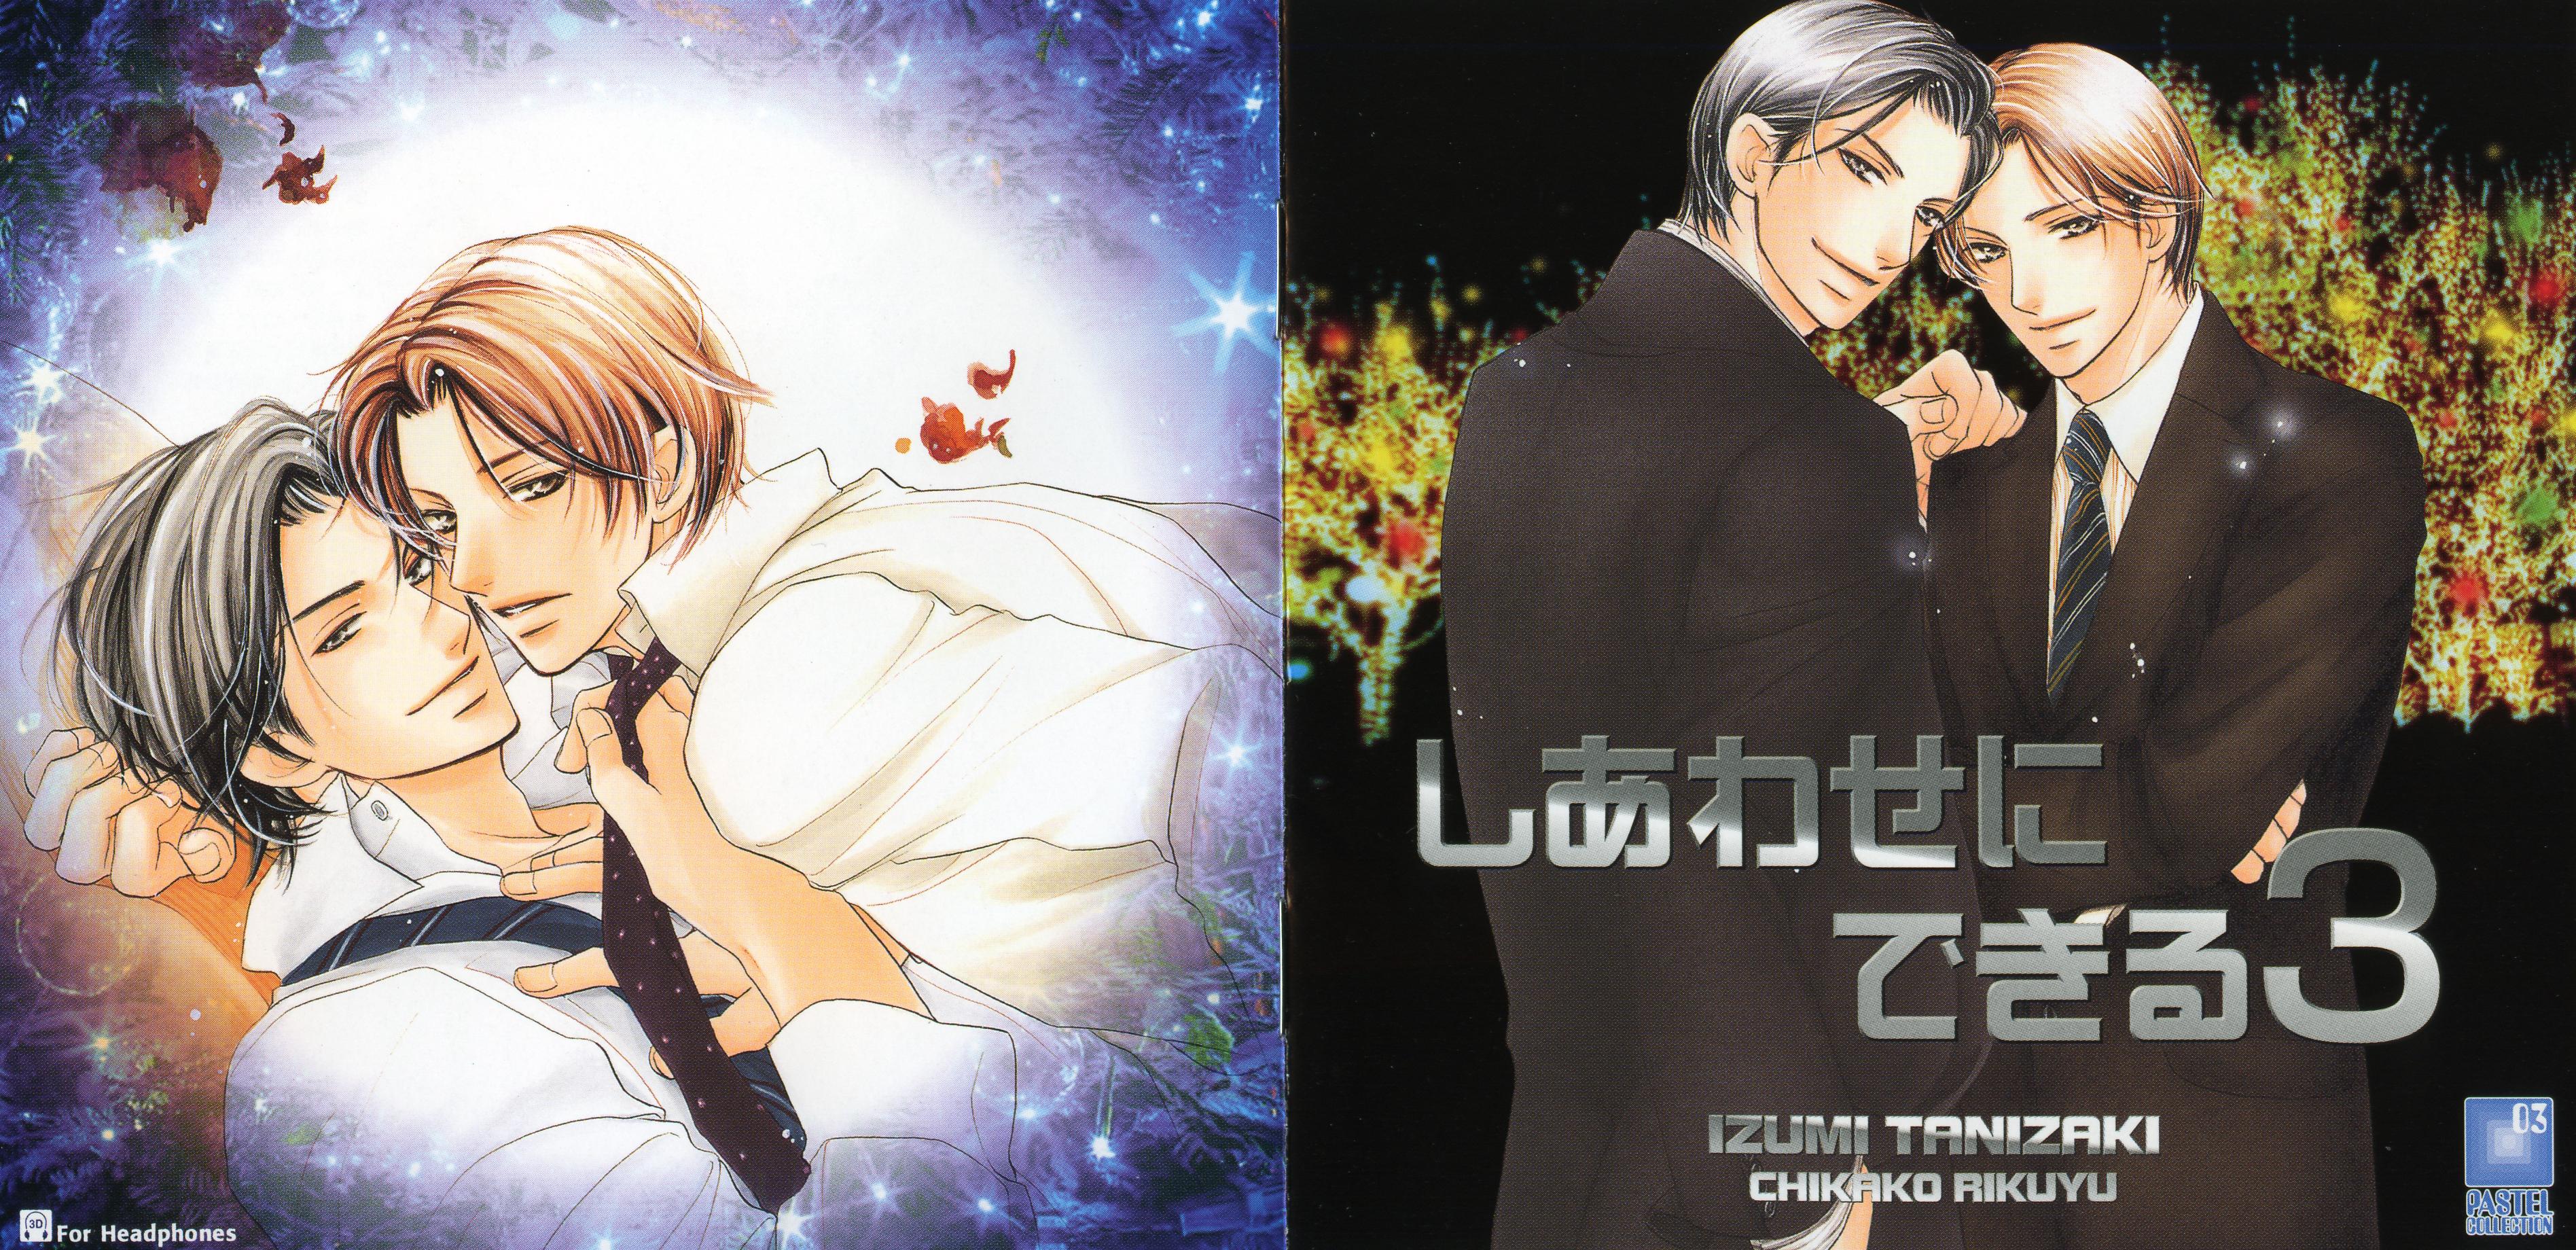 Shiawase ni Dekiru Series (3)